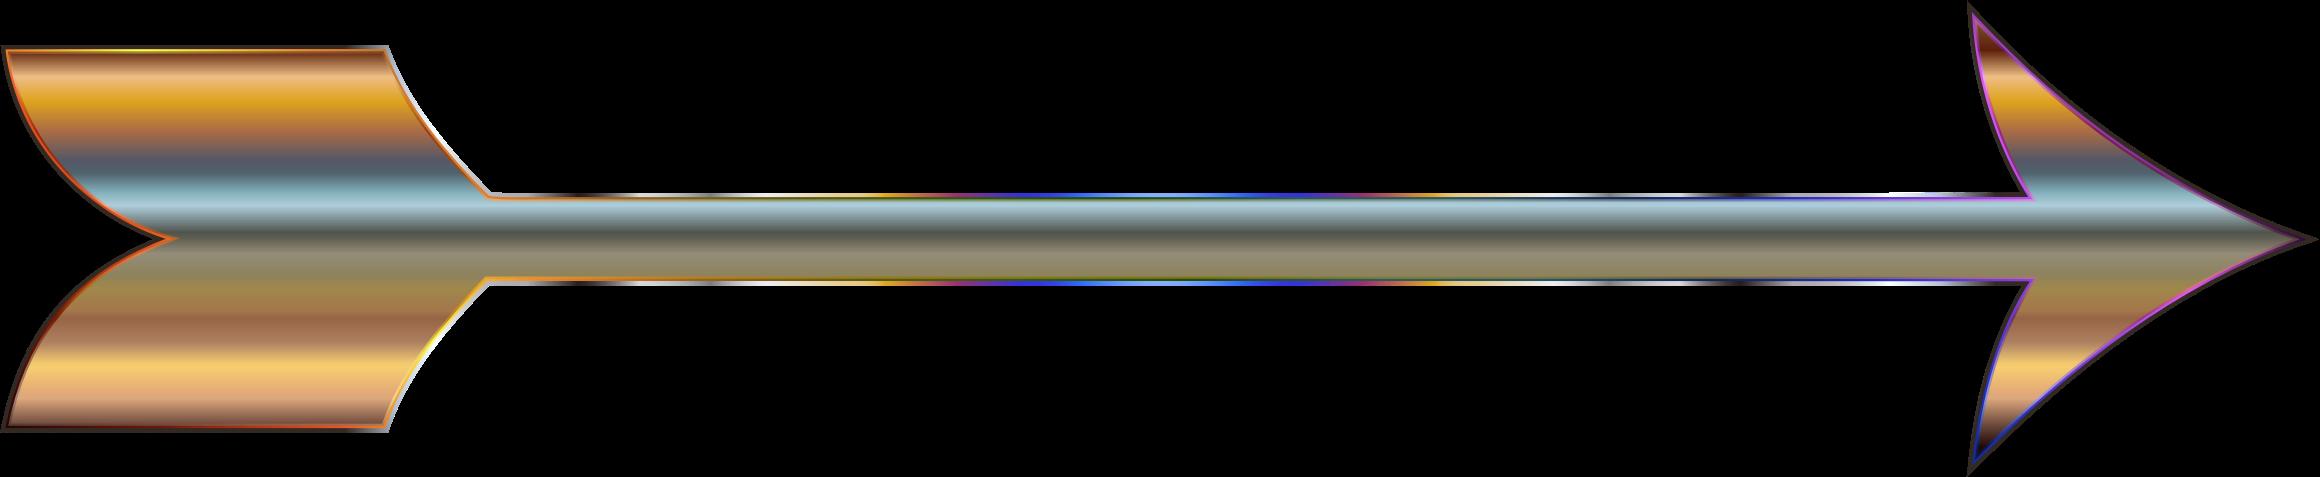 Chromatic arrow no big. Archery clipart background